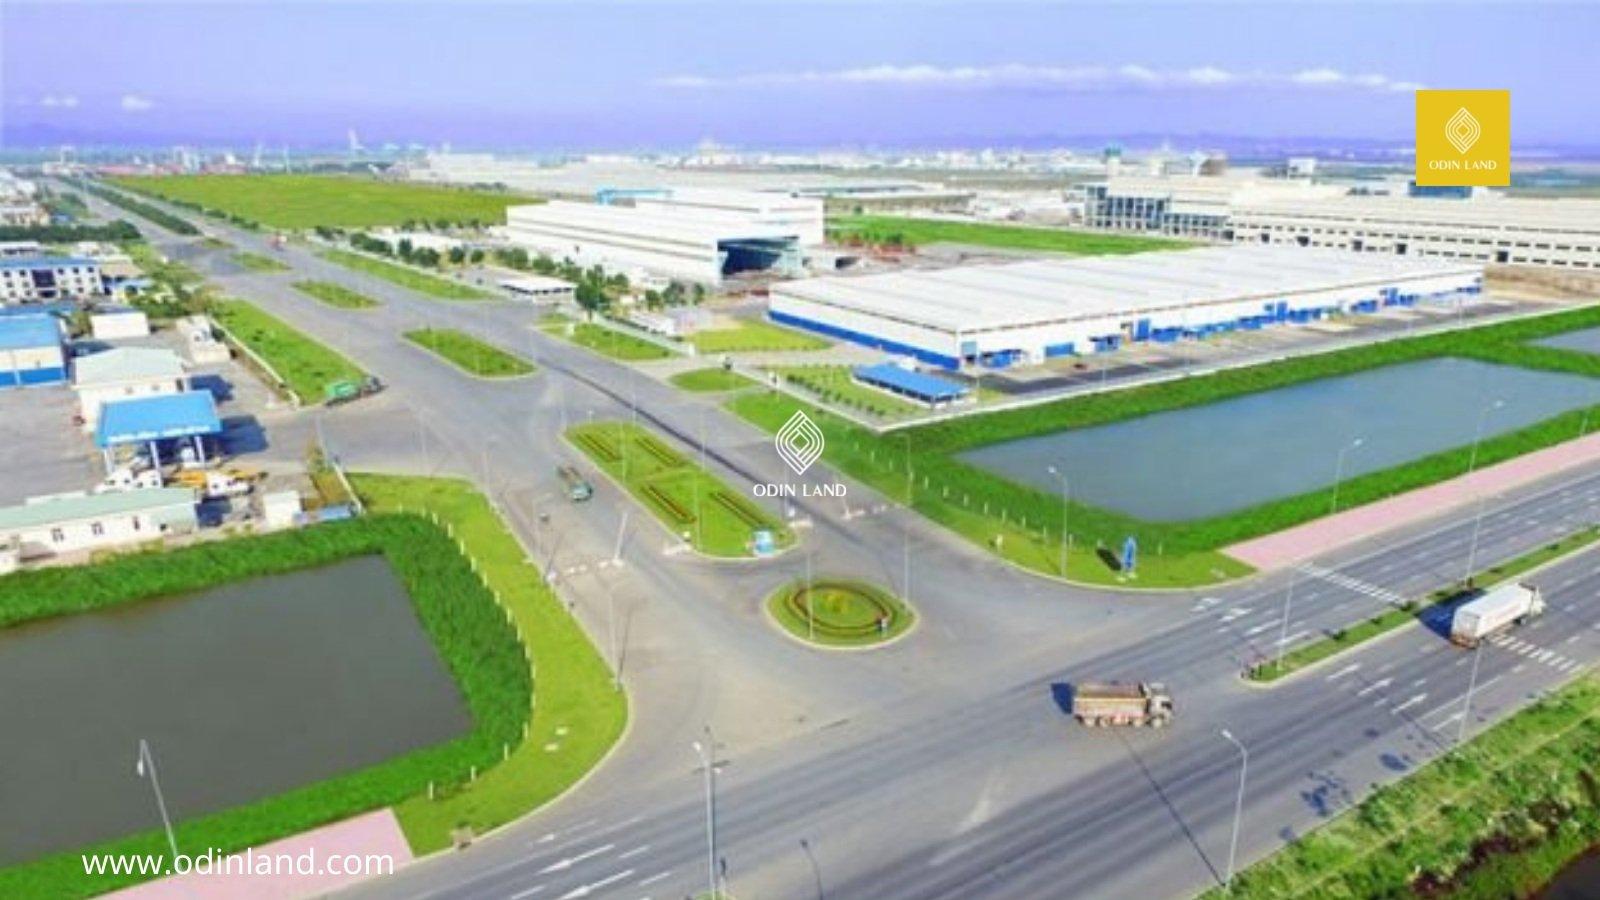 """Khu Công nghiệp Sông Đốc tạo điều kiện và mở ra cánh cửa để """"thành phố biển miền Tây"""" phát huy hiệu quả tiềm năng và lợi thế kinh tế biển."""